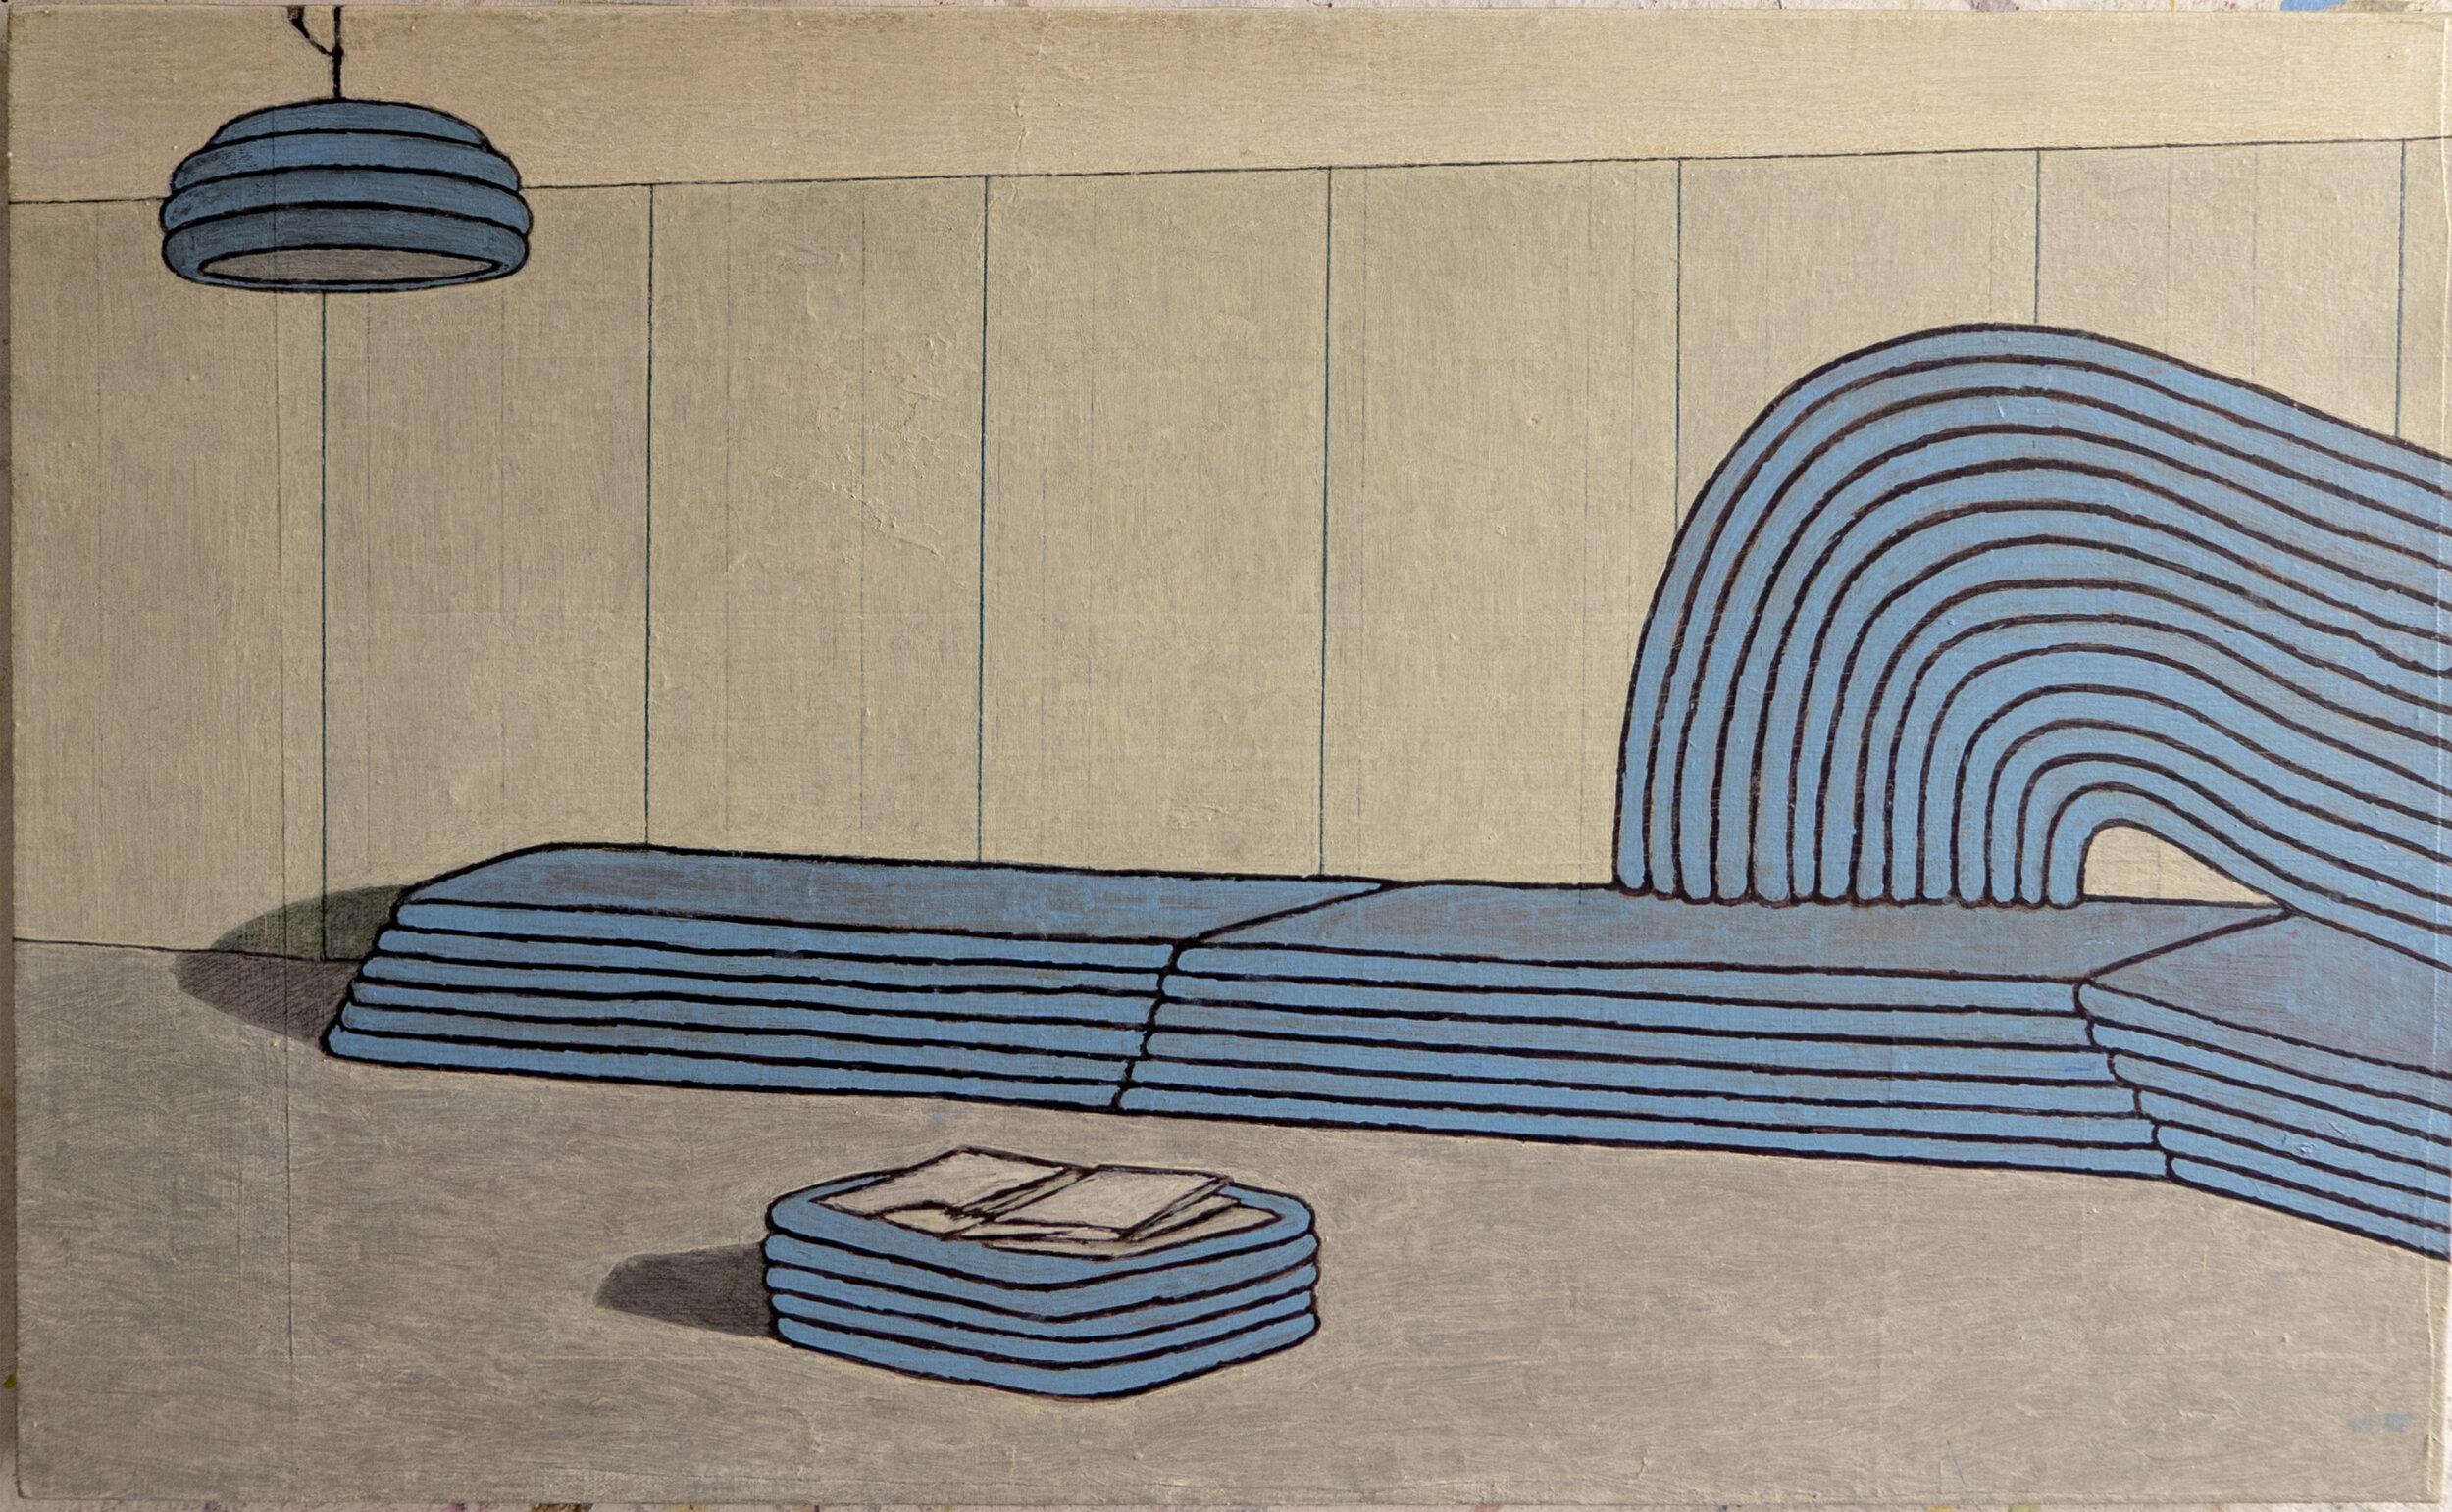 Leilão#3: Hex Set - 36 obras em tela ou papel de Pedro Casqueiro, 1997-201924 - 27 Outubro, 2019> Sobre o artista> Catálogo> Registar-se no leilão